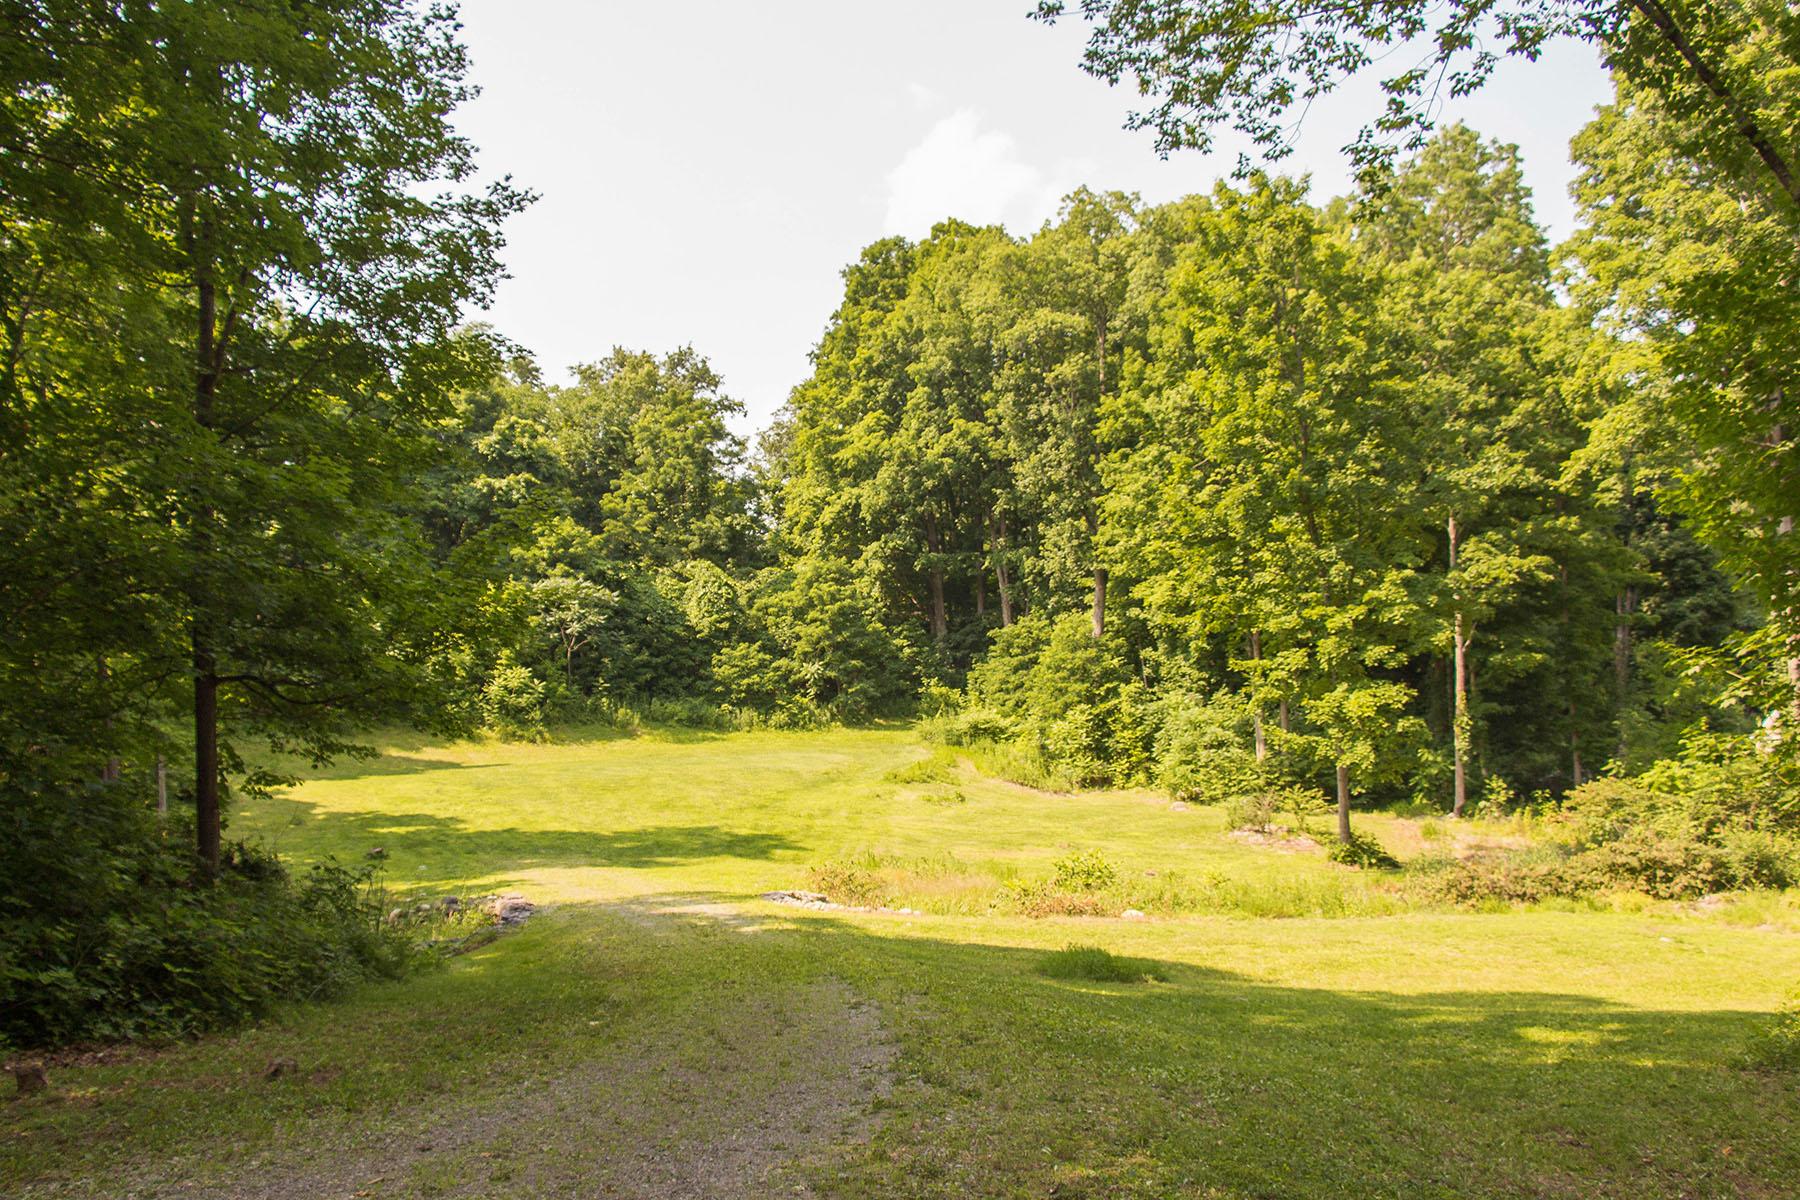 Đất đai vì Bán tại Scenic Surrounding to Build Your Dream Home 183 Parkhurst Road Gansevoort, New York 12831 Hoa Kỳ